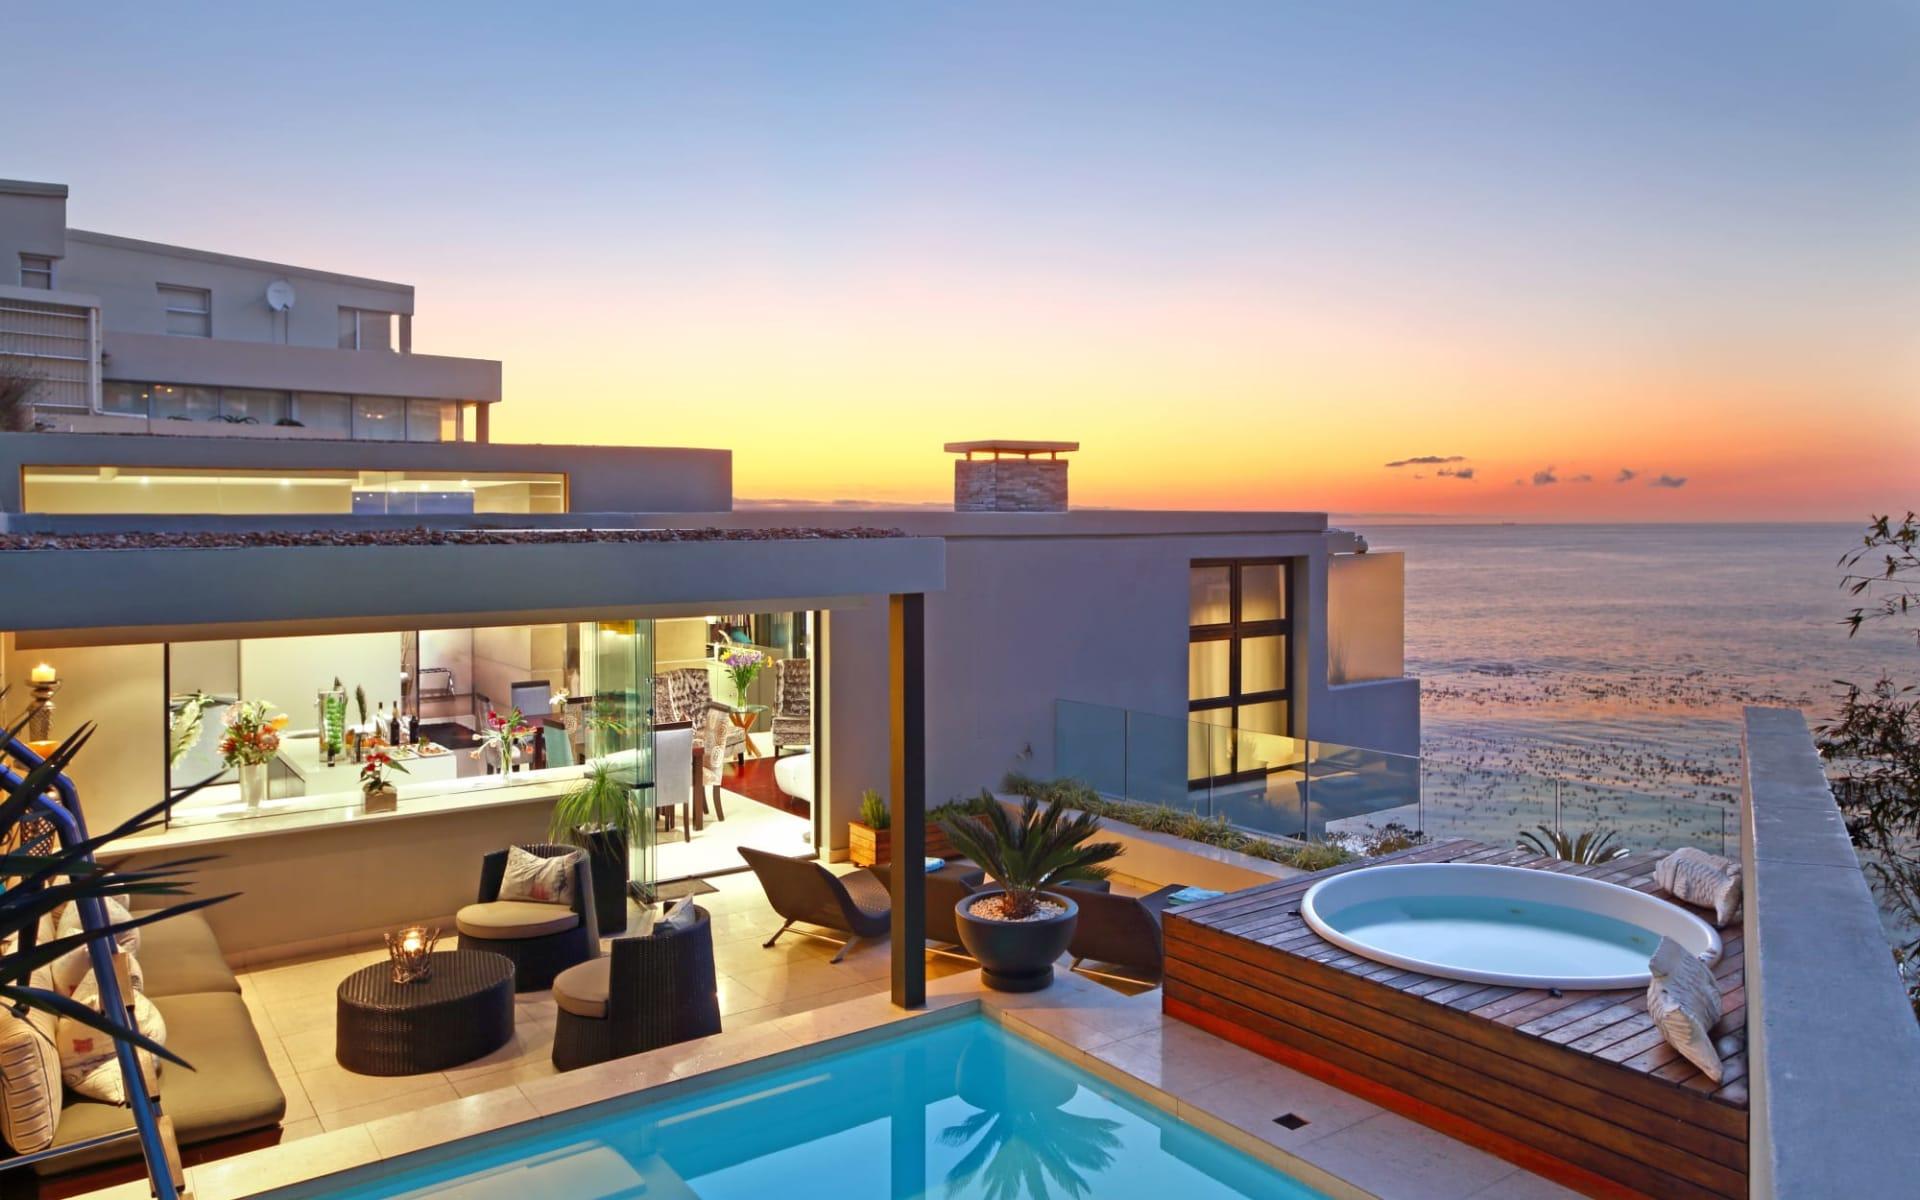 Azamare in Camps Bay: exterior Azamare - Lufthaufnahme Hotel mit Swimmingpool und Aussicht